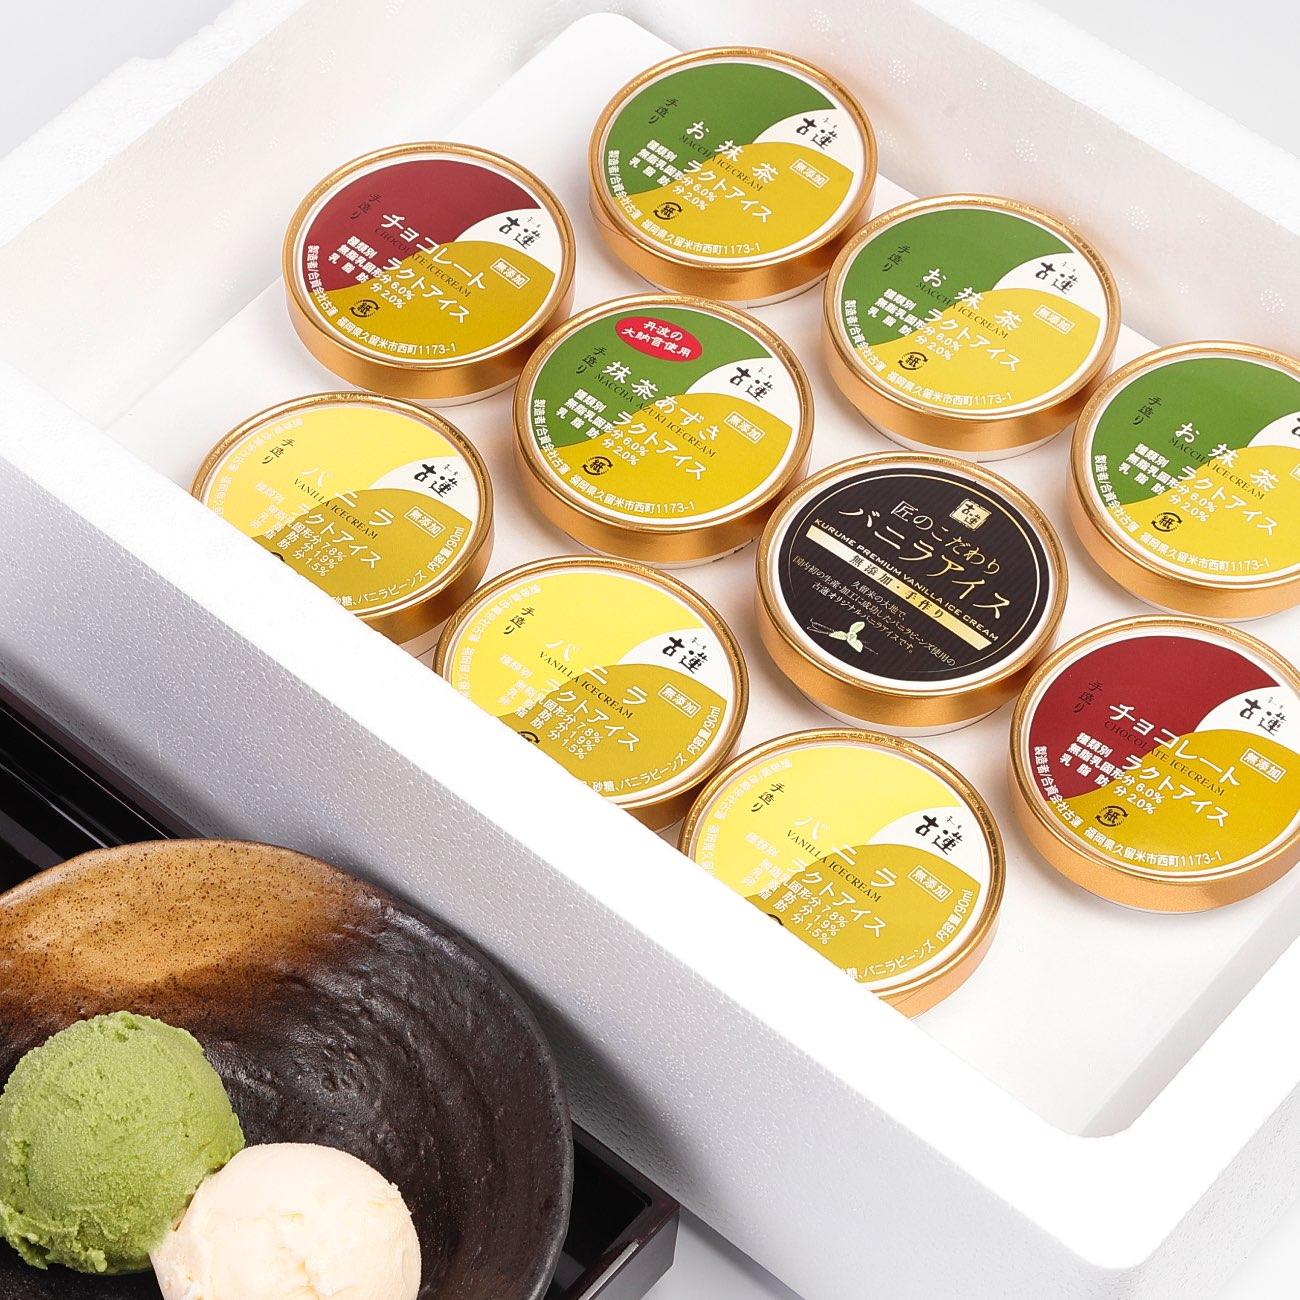 古蓮アイスクリーム【ギフトセットA】アイス10個《送料込み》